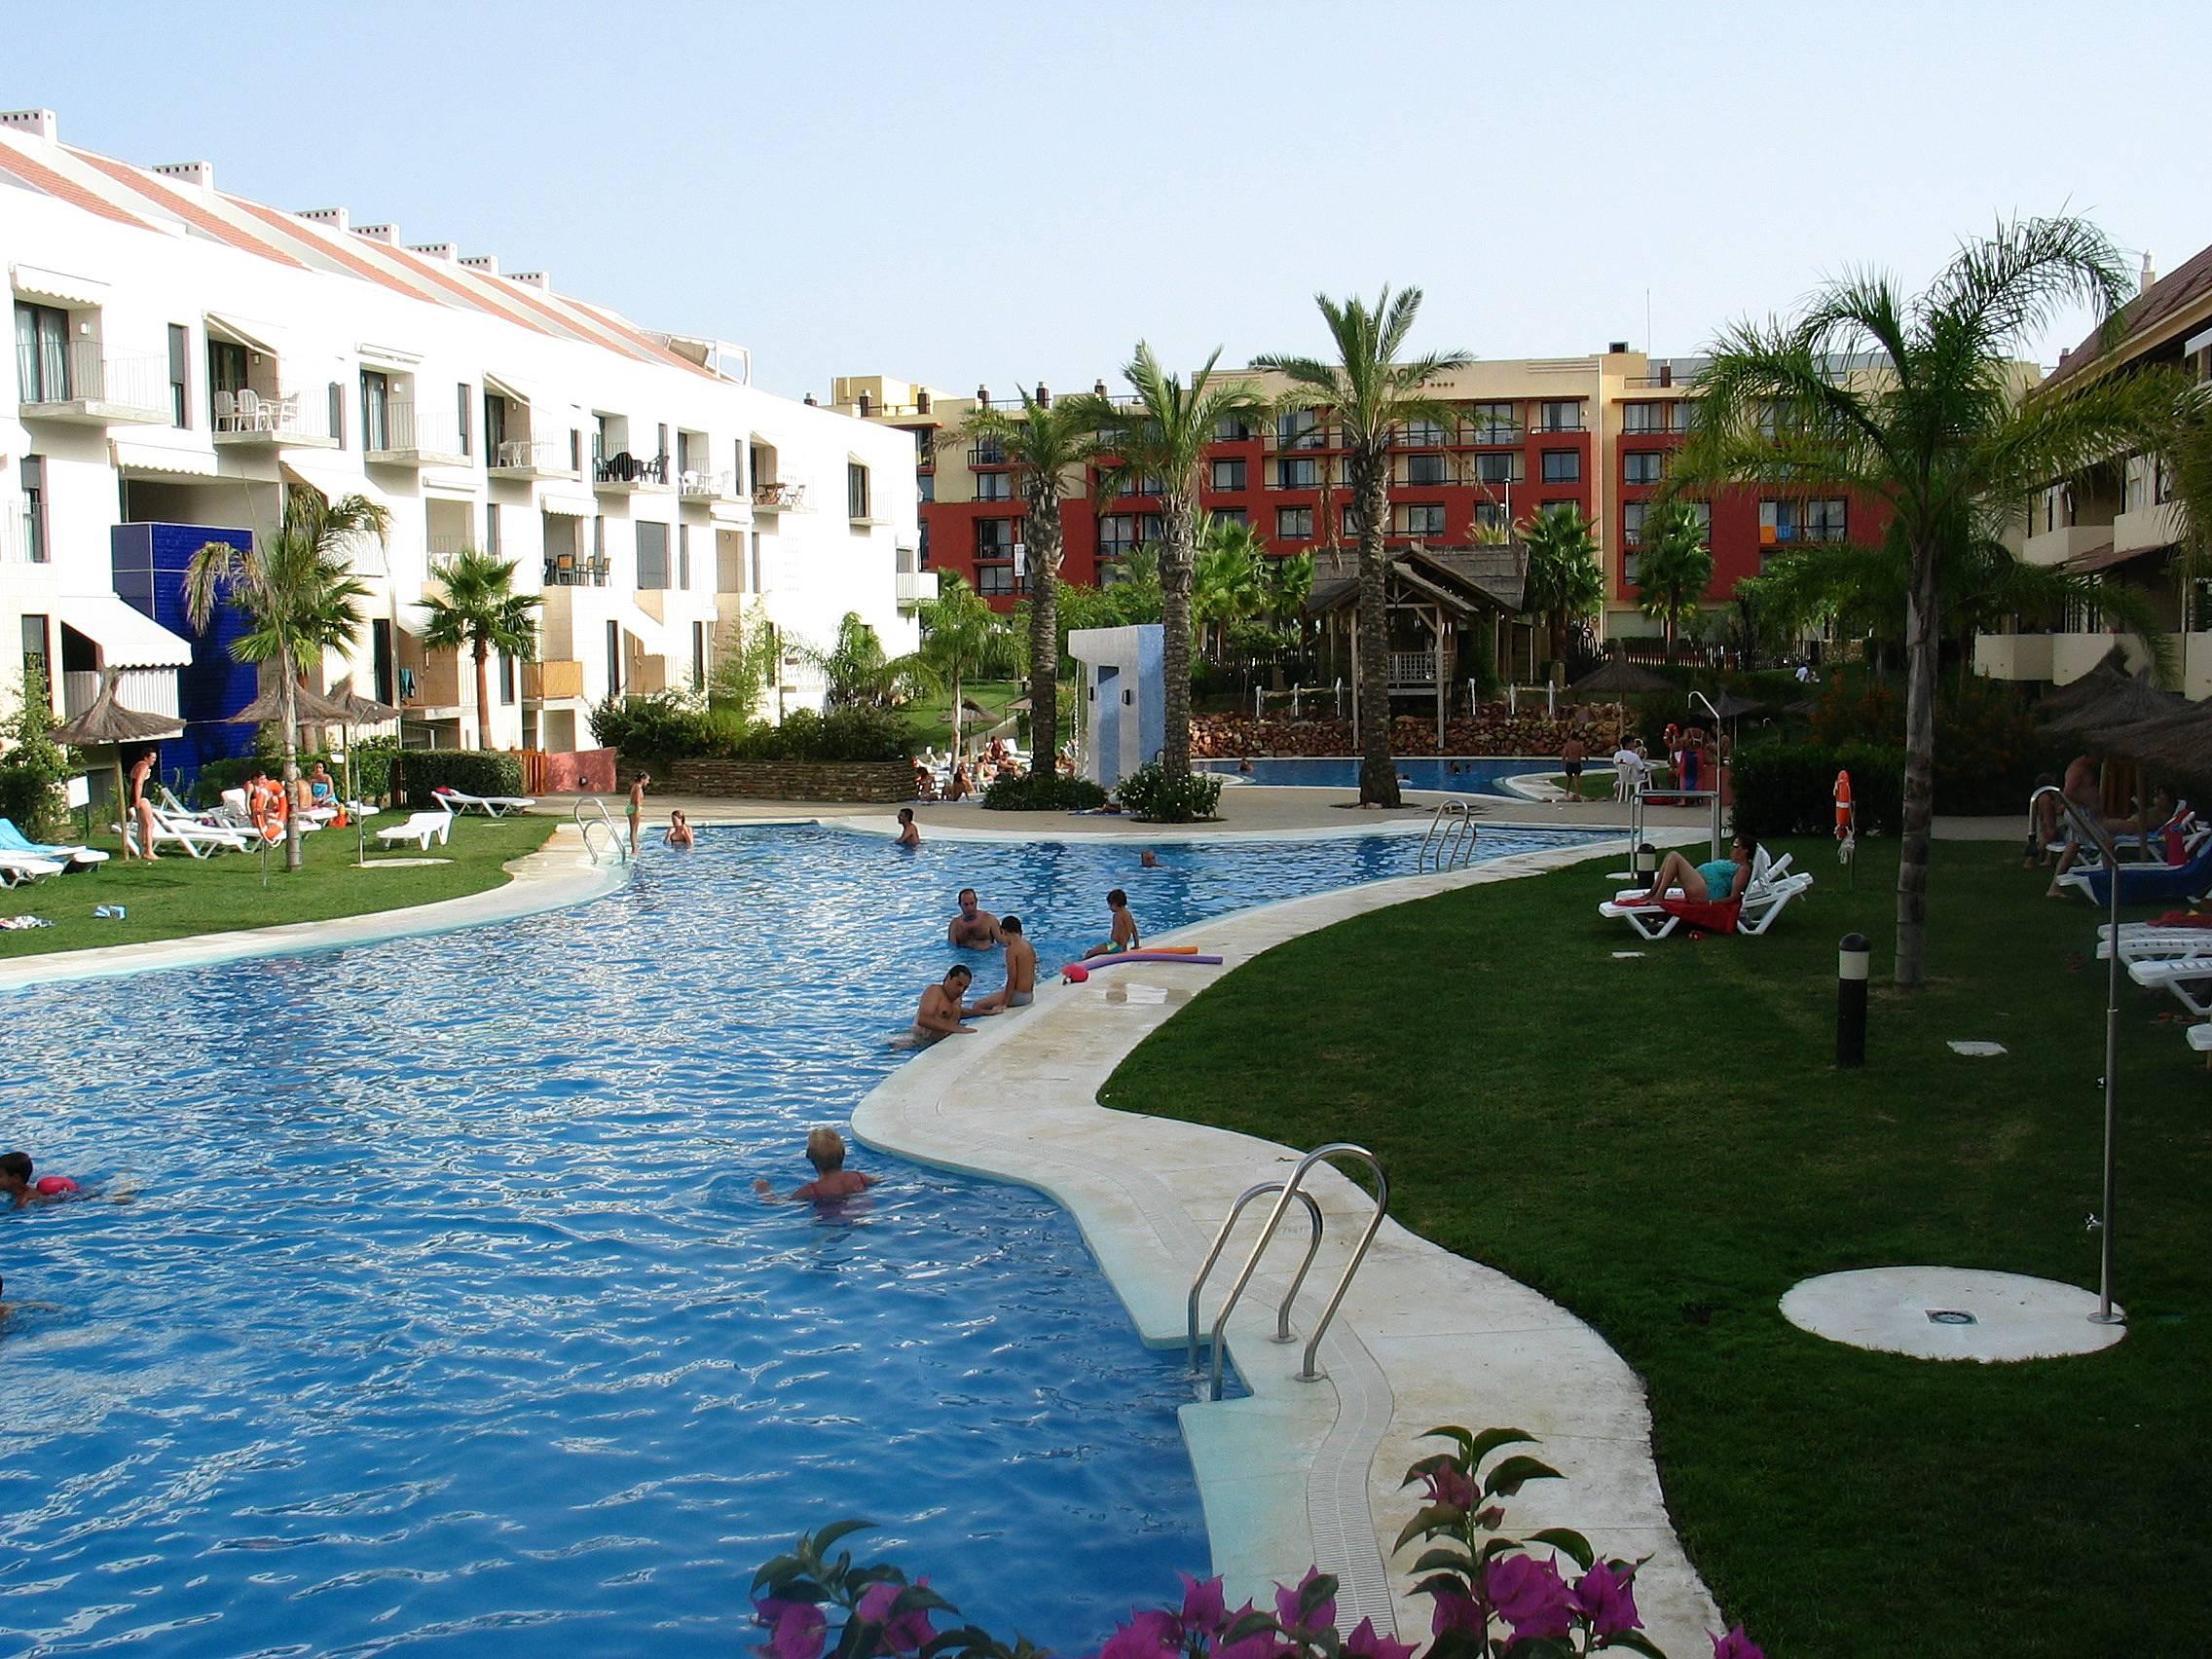 Apartamento en alquiler a 100 m de la playa islantilla i - Rentalia islantilla ...